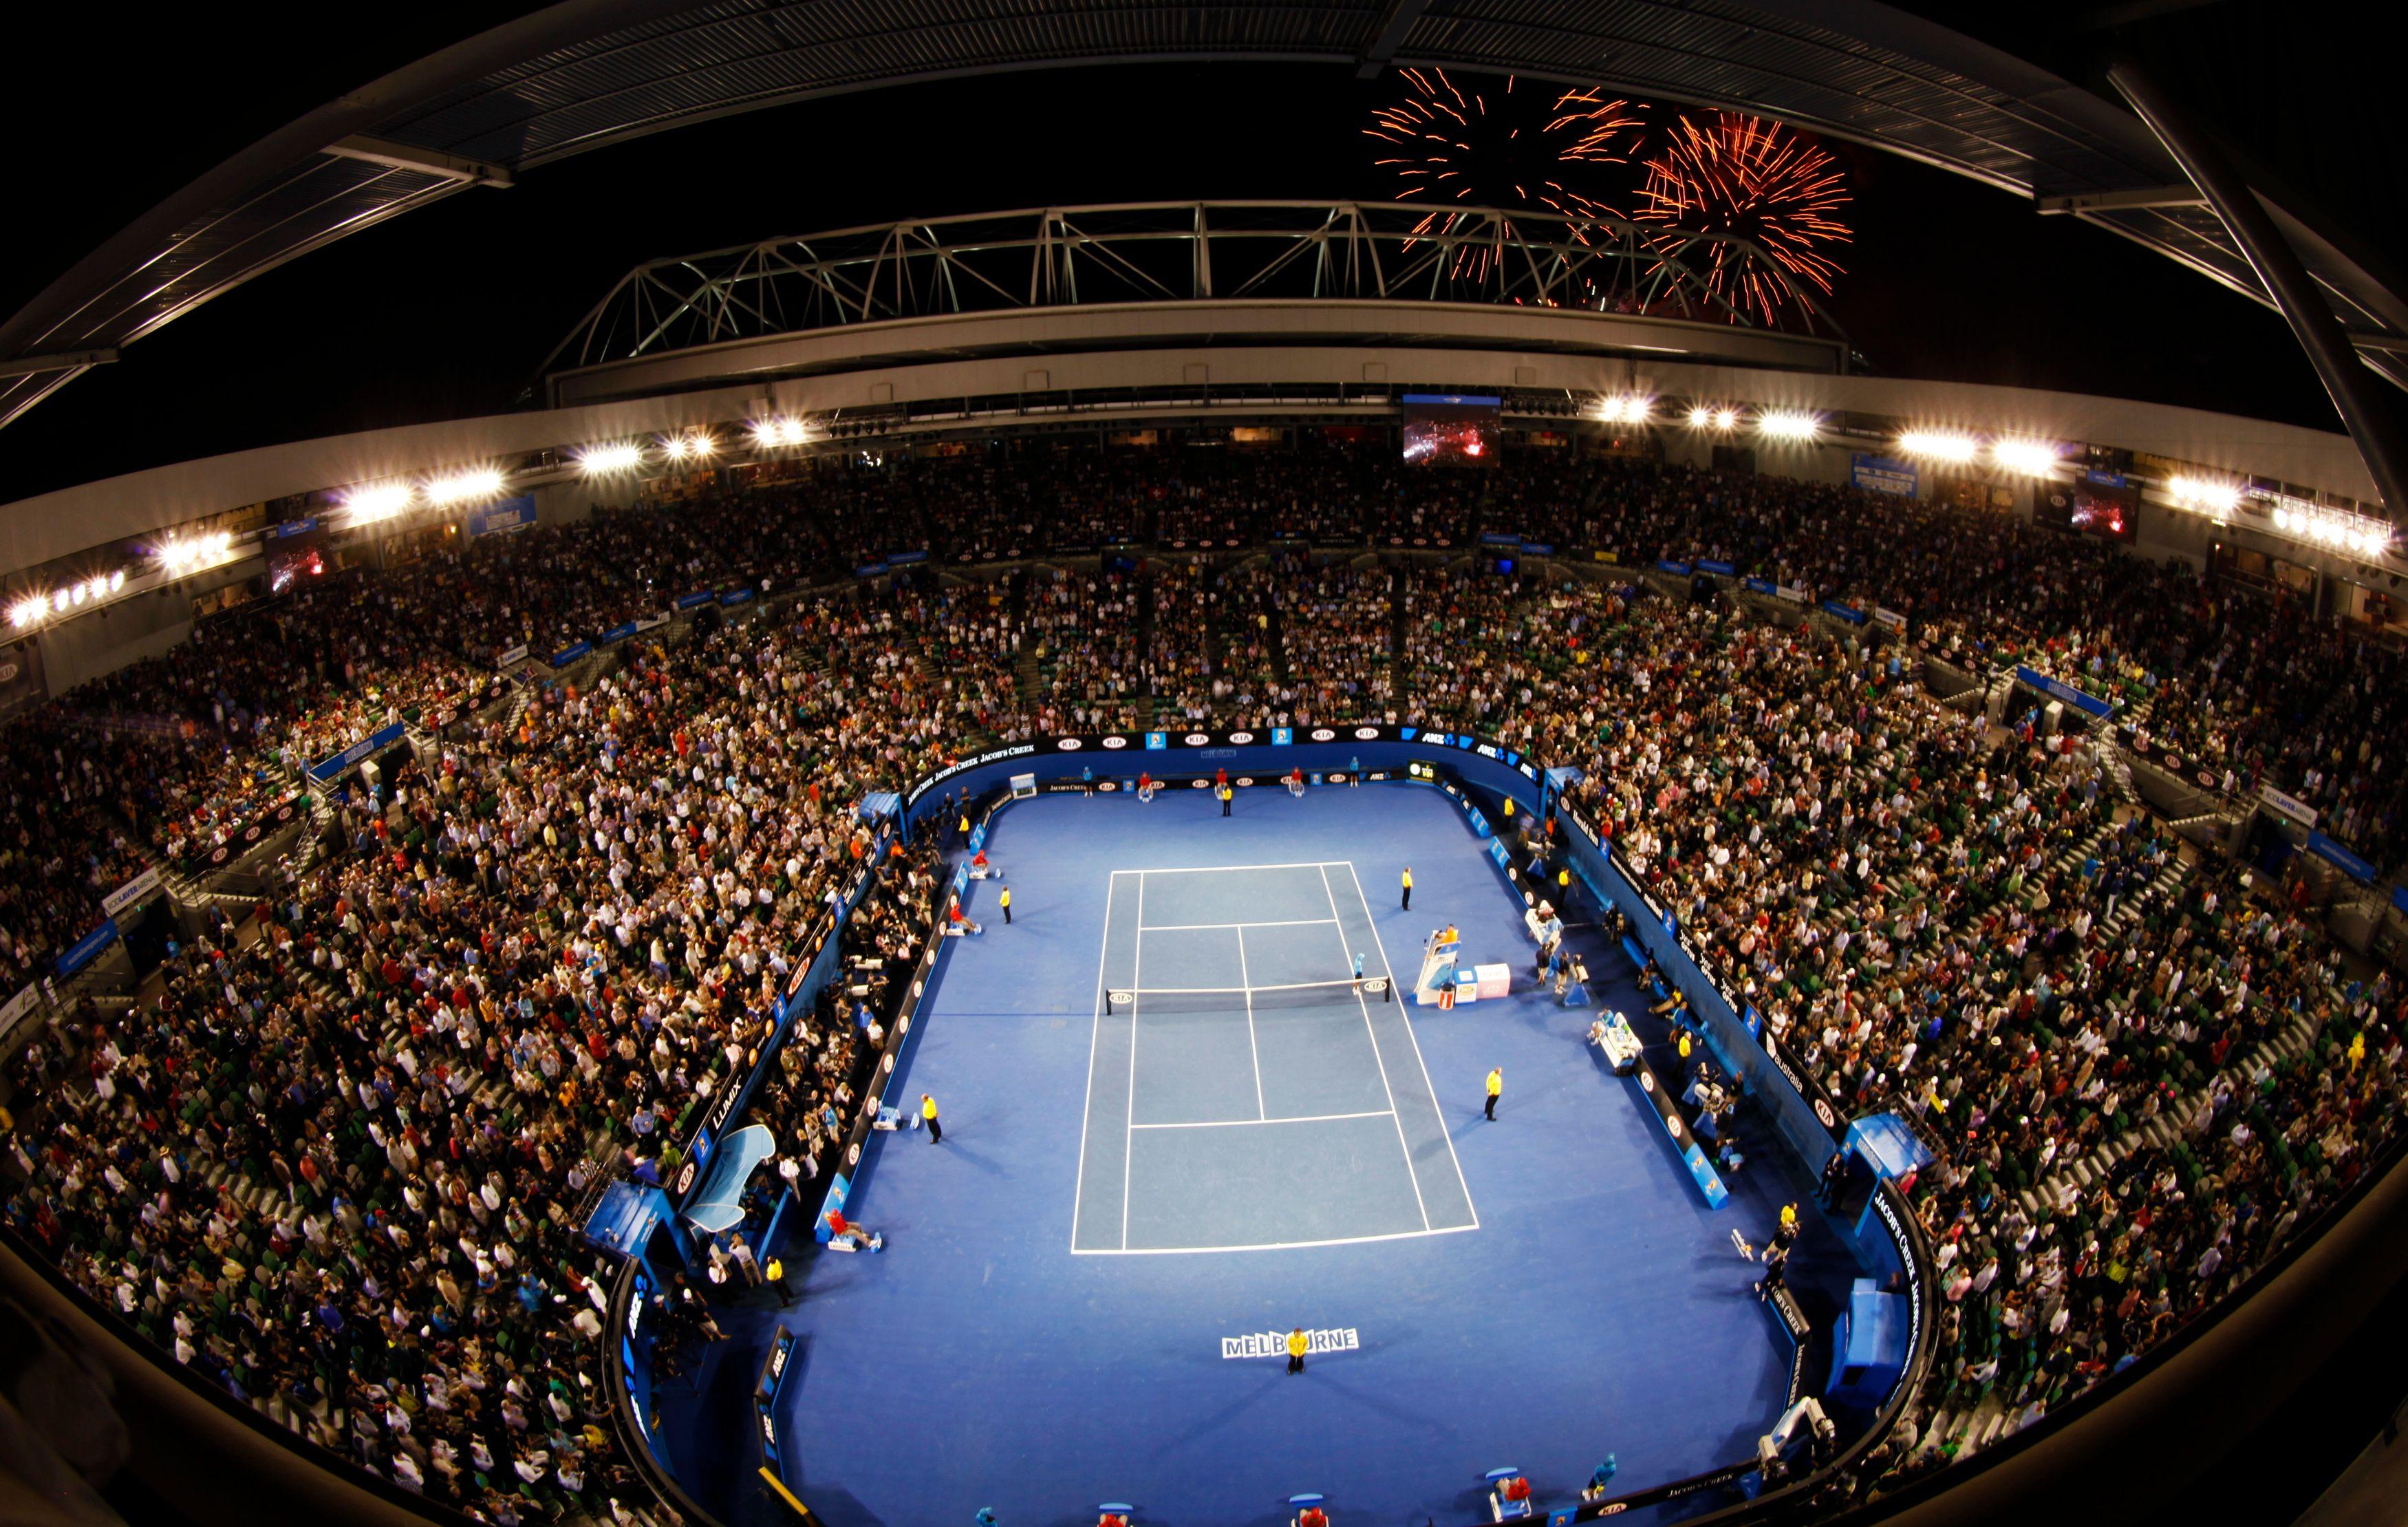 L'Open d'Australie, un tournoi plein de petites anecdotes...